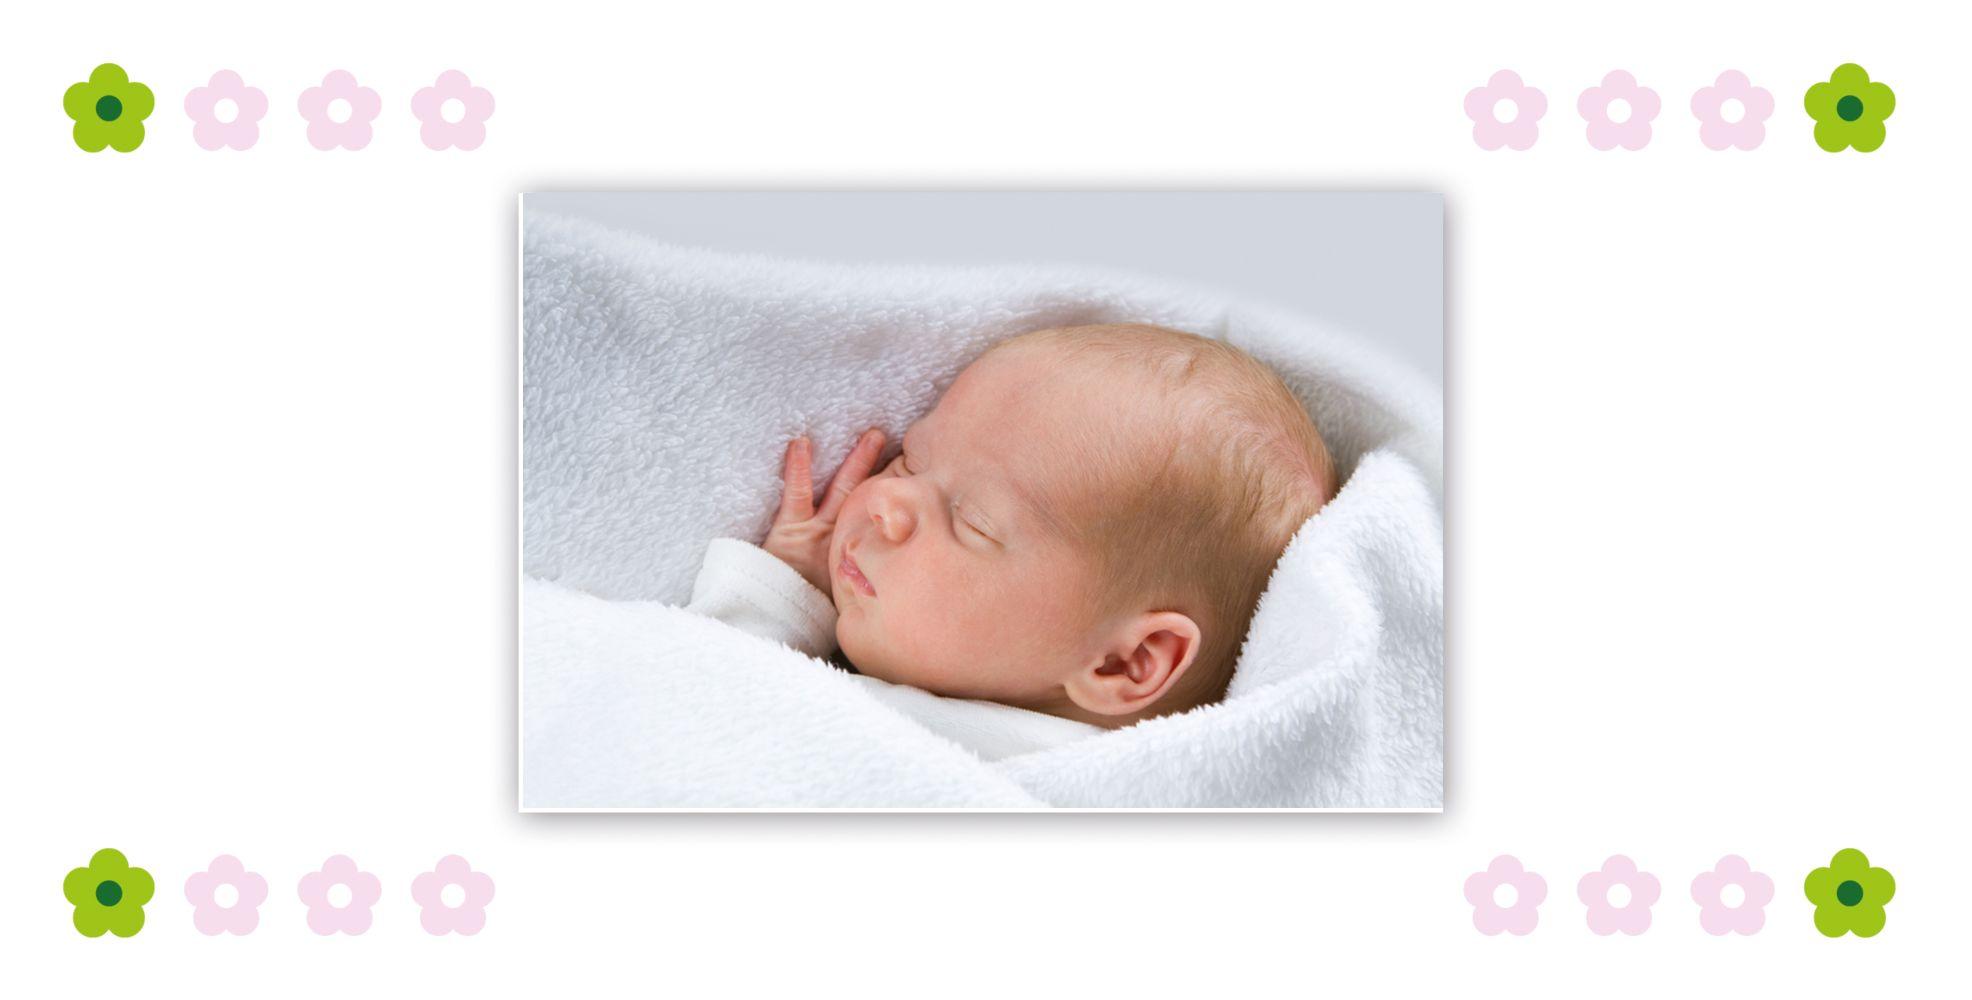 Ansicht 6 - Babykarte Blumentapete